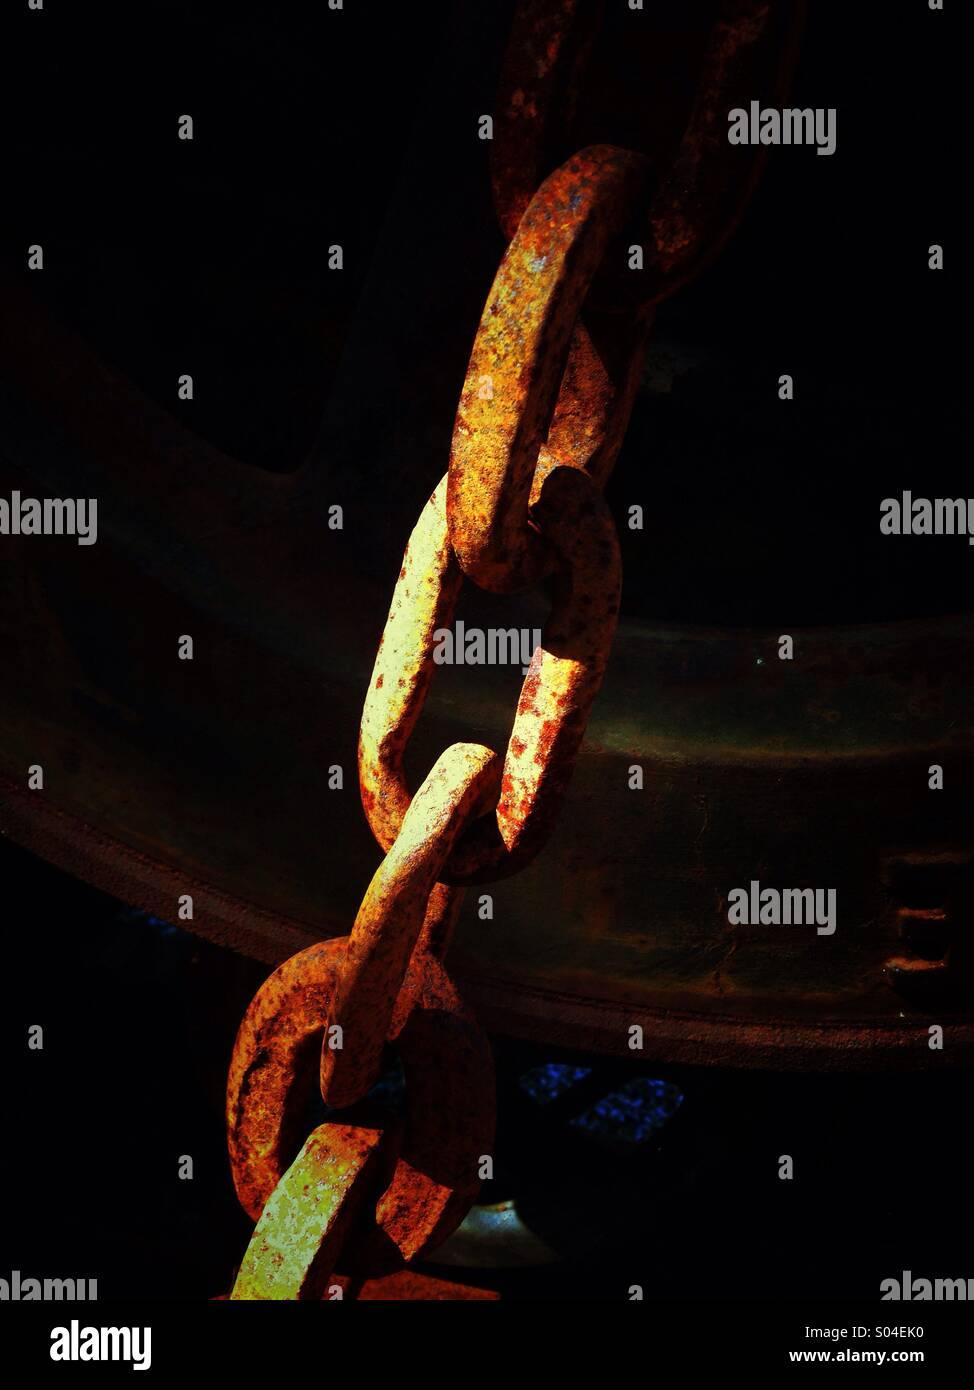 Collegamenti in una catena. Immagini Stock